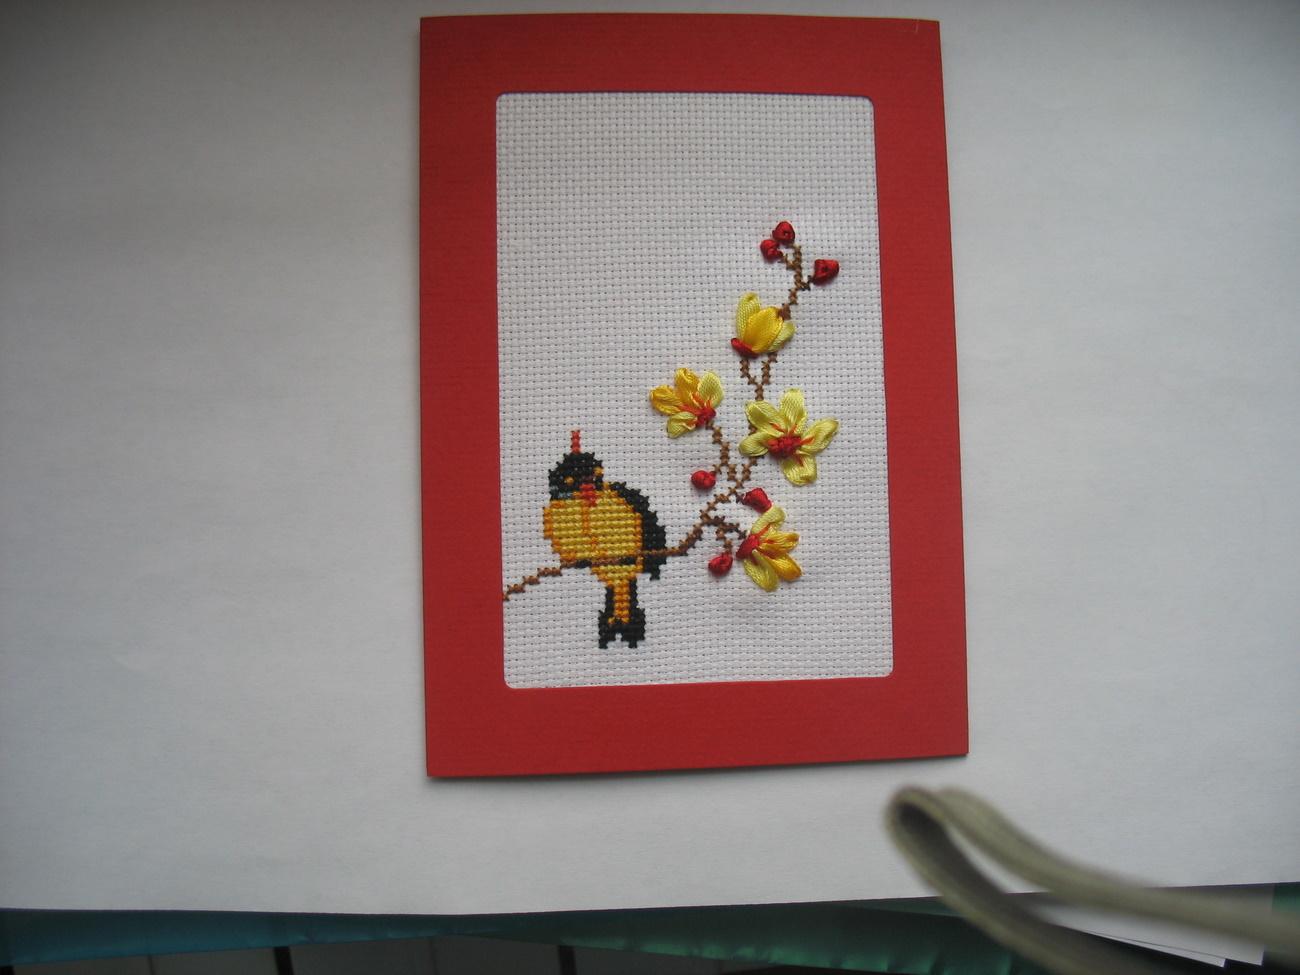 22 - Маруся - Ягуся. 2010 Проект 'Весенняя открытка-вышиваем крестиком'